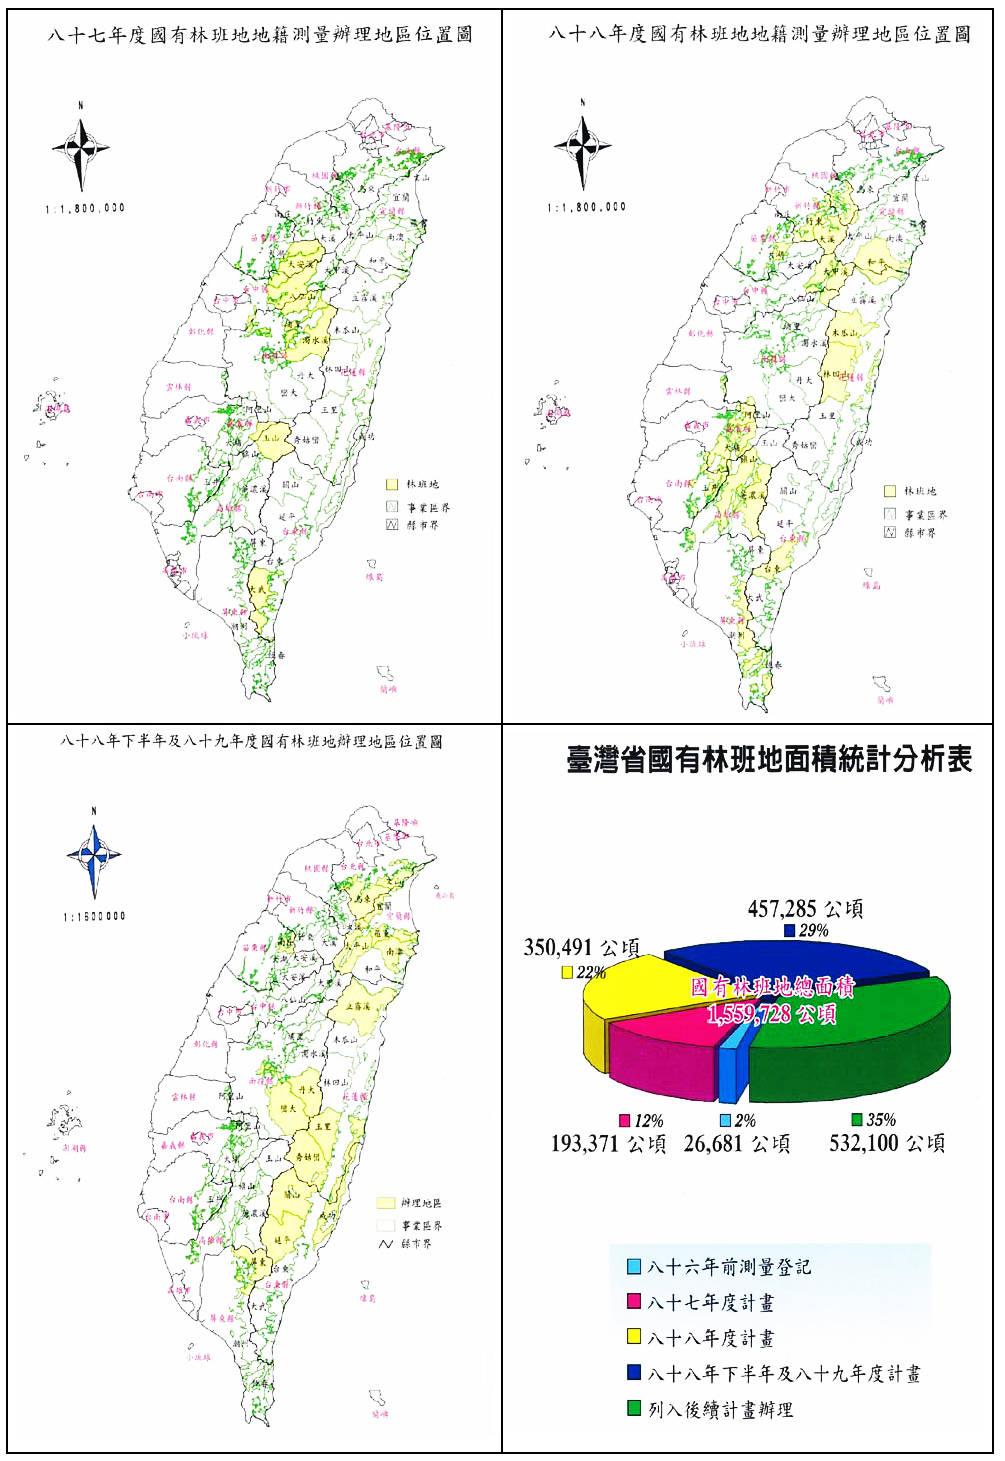 八十七年度(左上)、八十八年度(右上)、八十八下至八十九年度(左下)國有林班地及測量辦理地區、台灣省國有林班地面積統計分析表(右下)